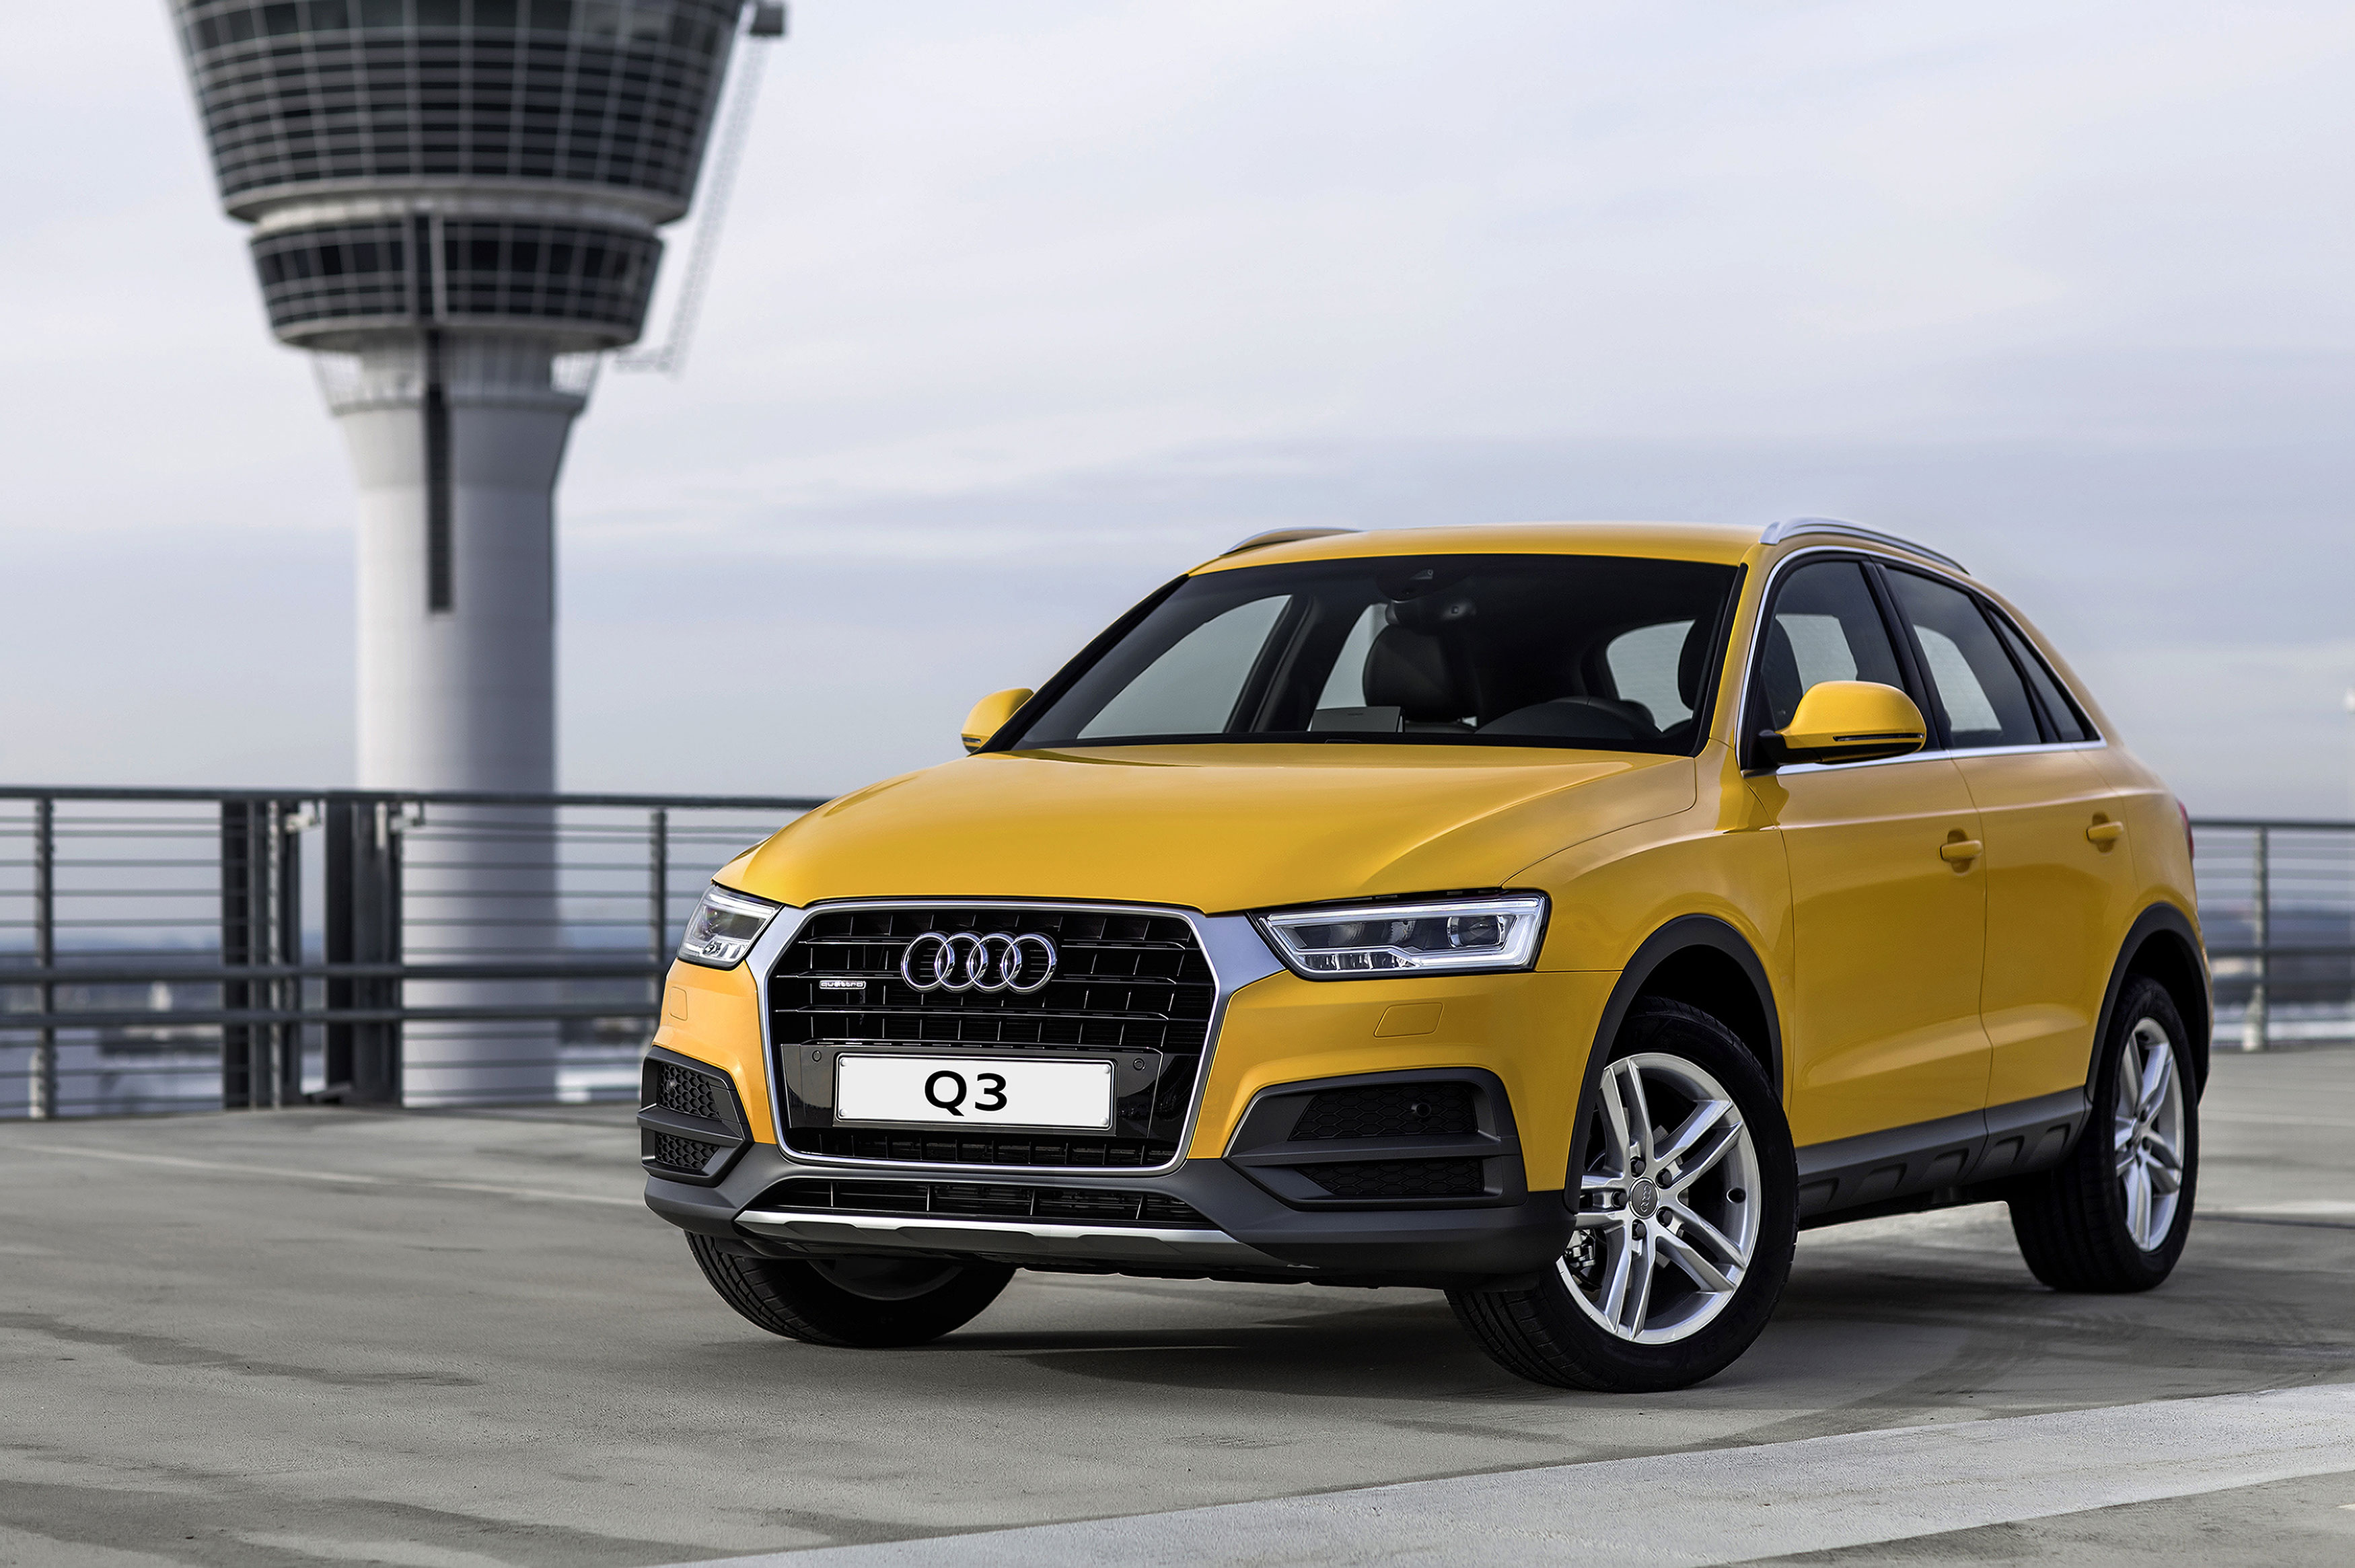 Audi Q3 - спешите купить в Ауди Центре Выборгский!